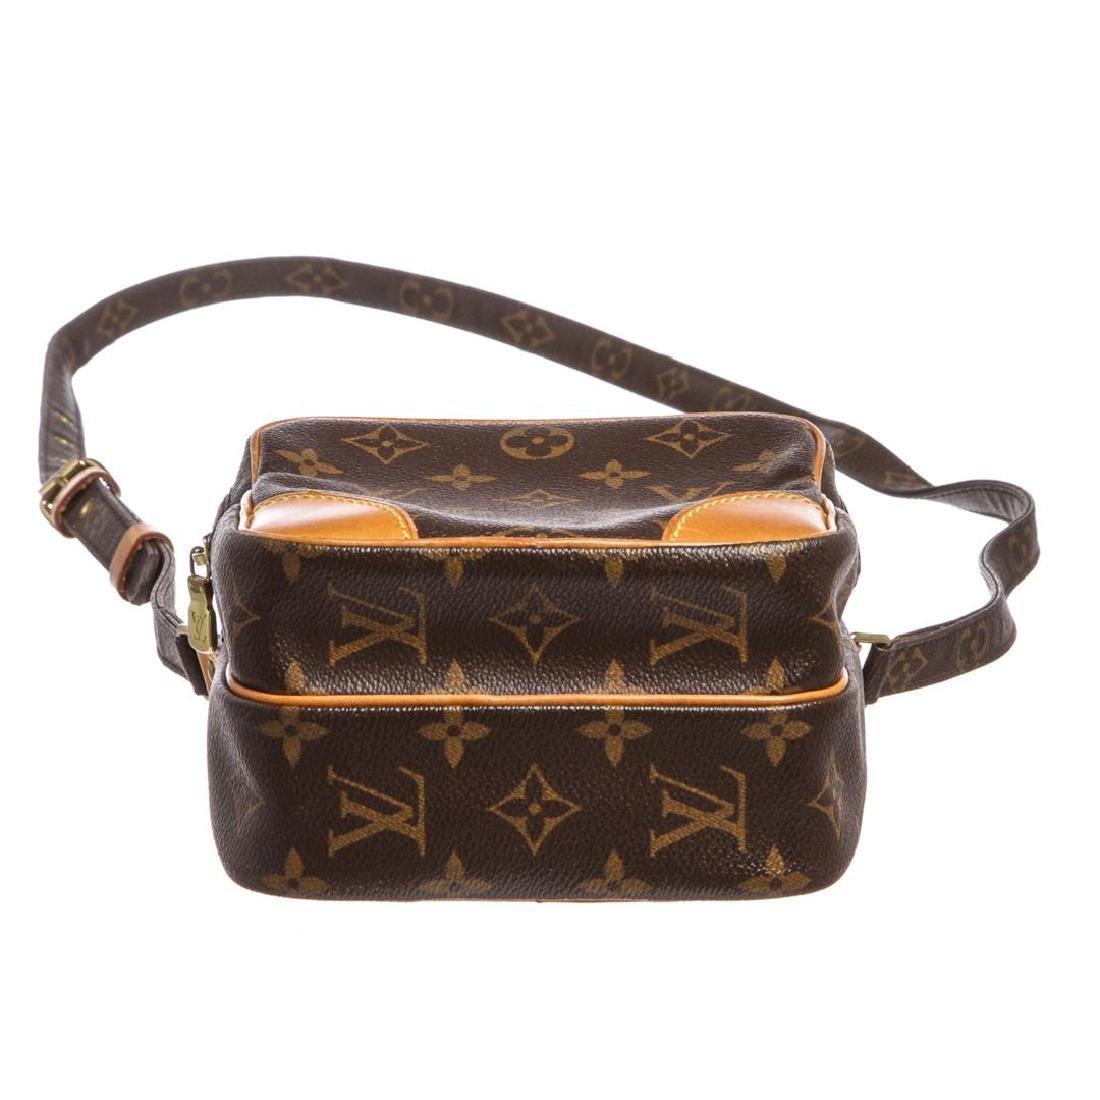 Louis Vuitton Monogram Canvas Leather Amazone Crossbody - 4